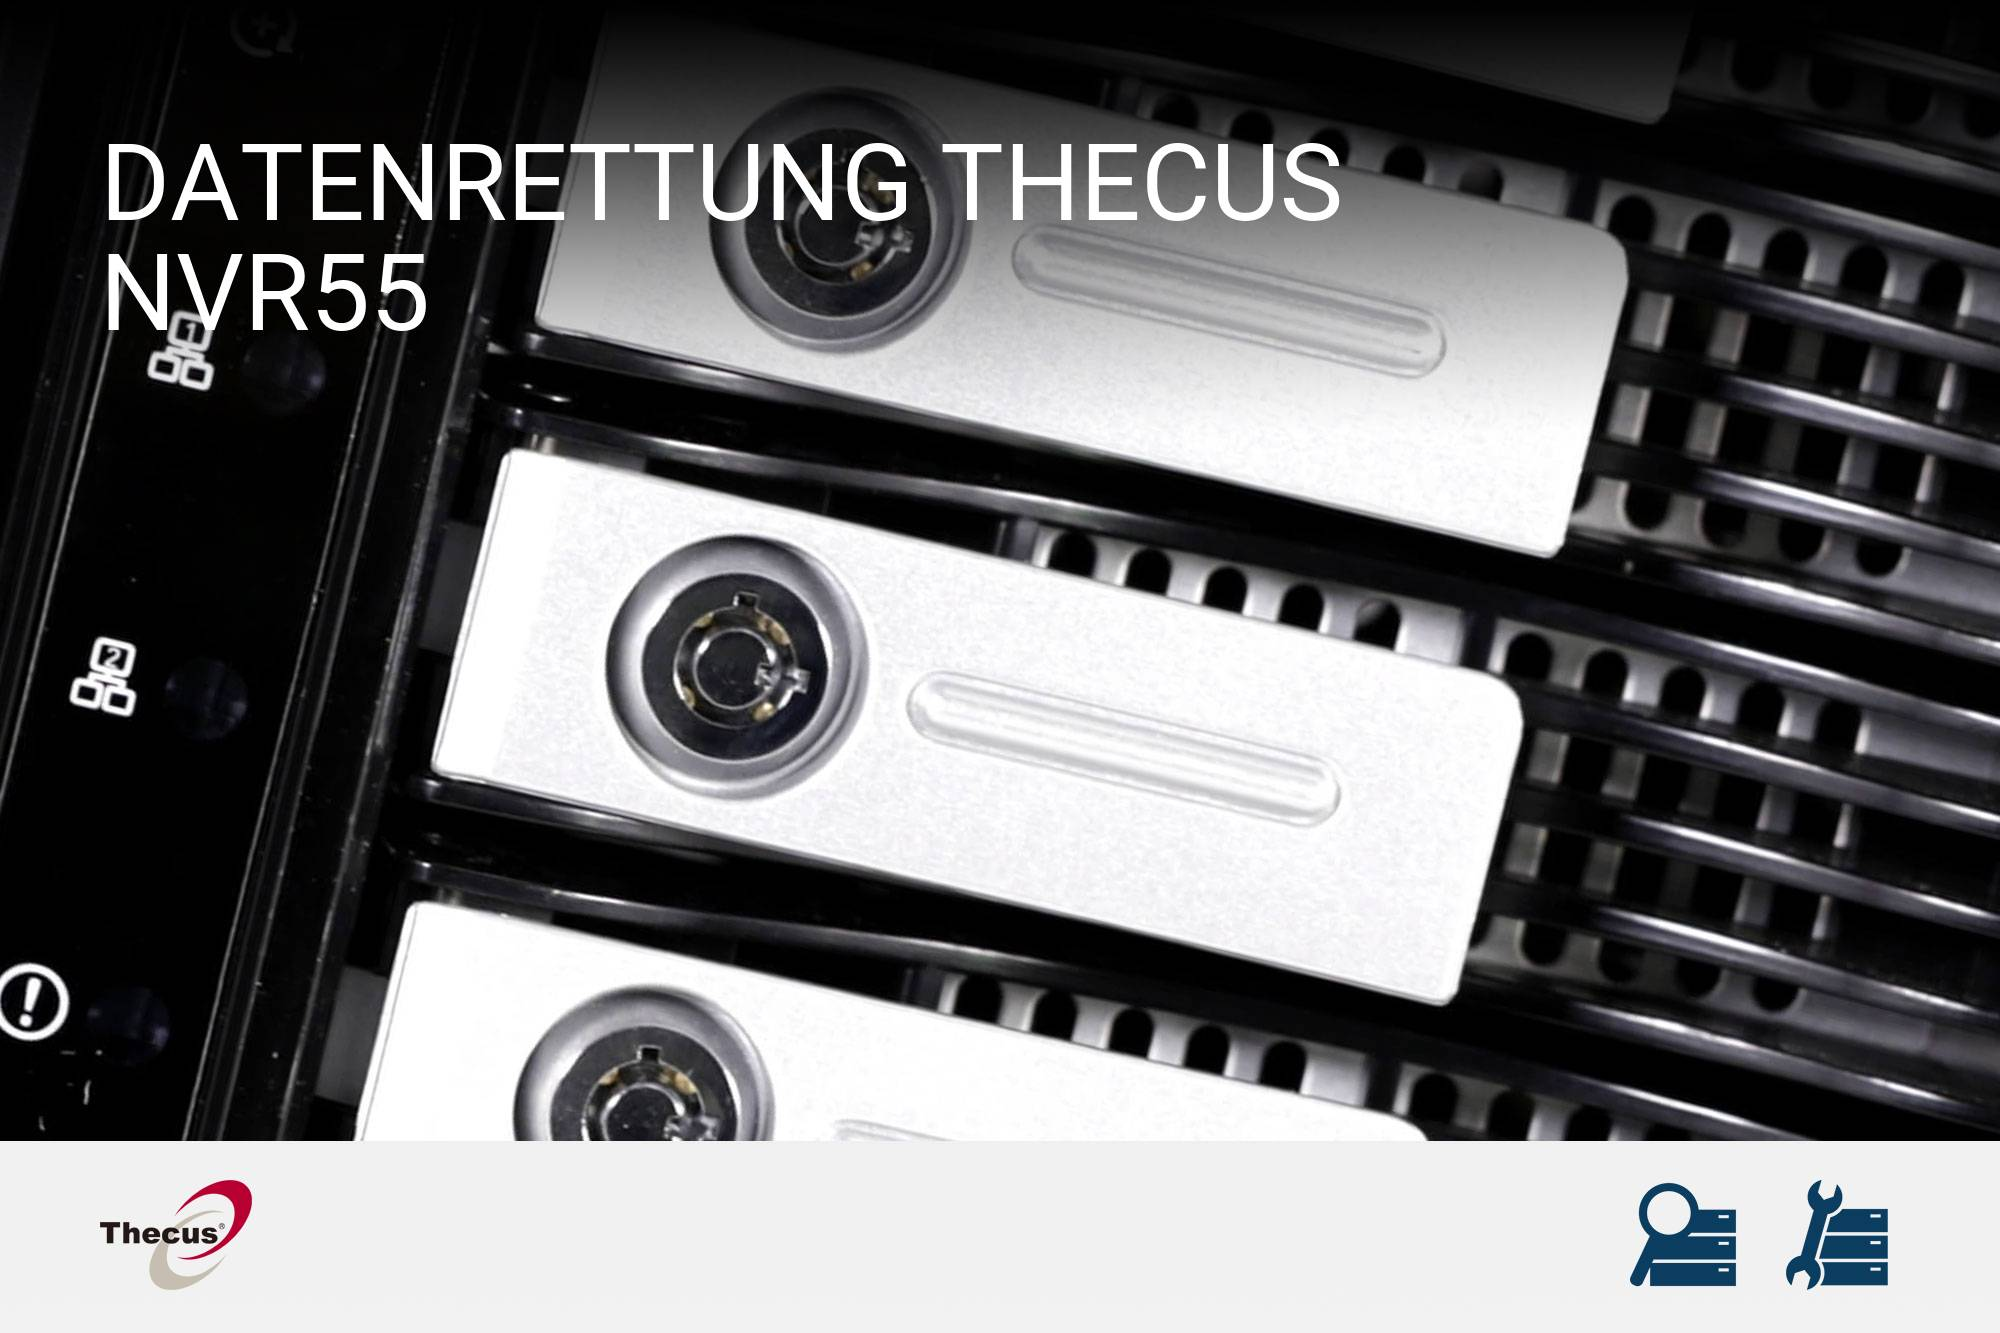 Thecus NVR55